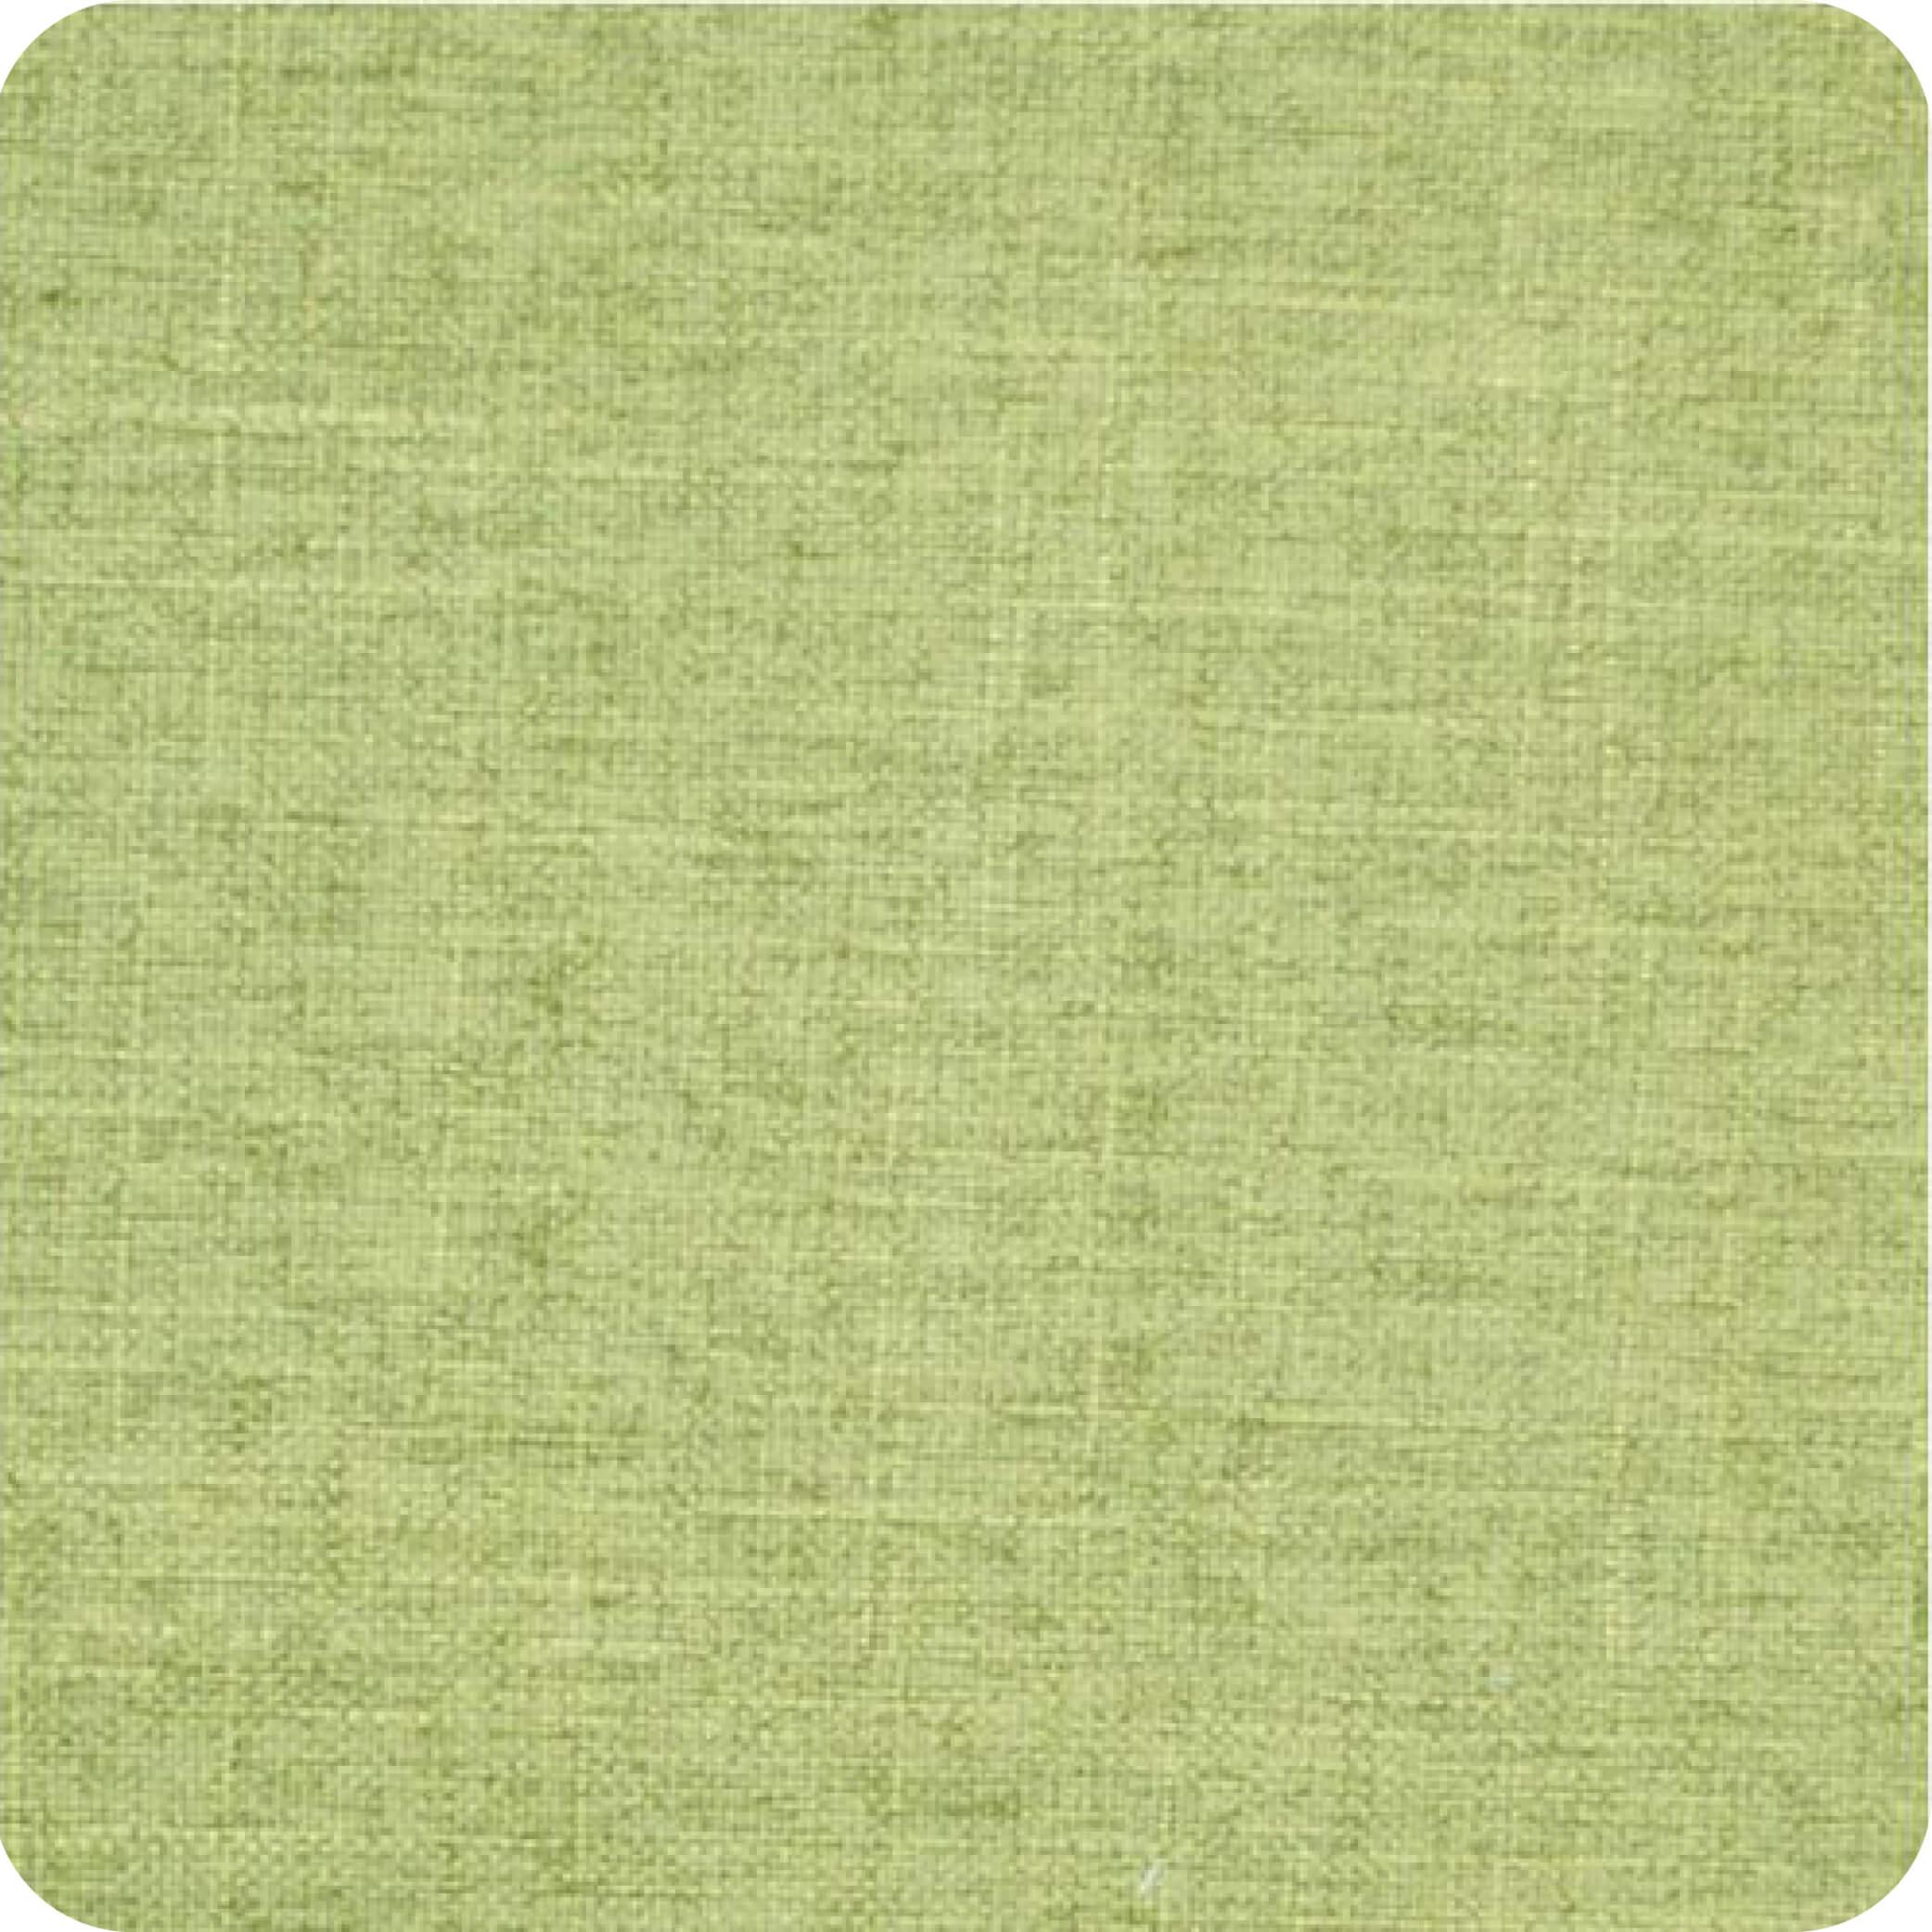 avfi-fabrics-fnb212